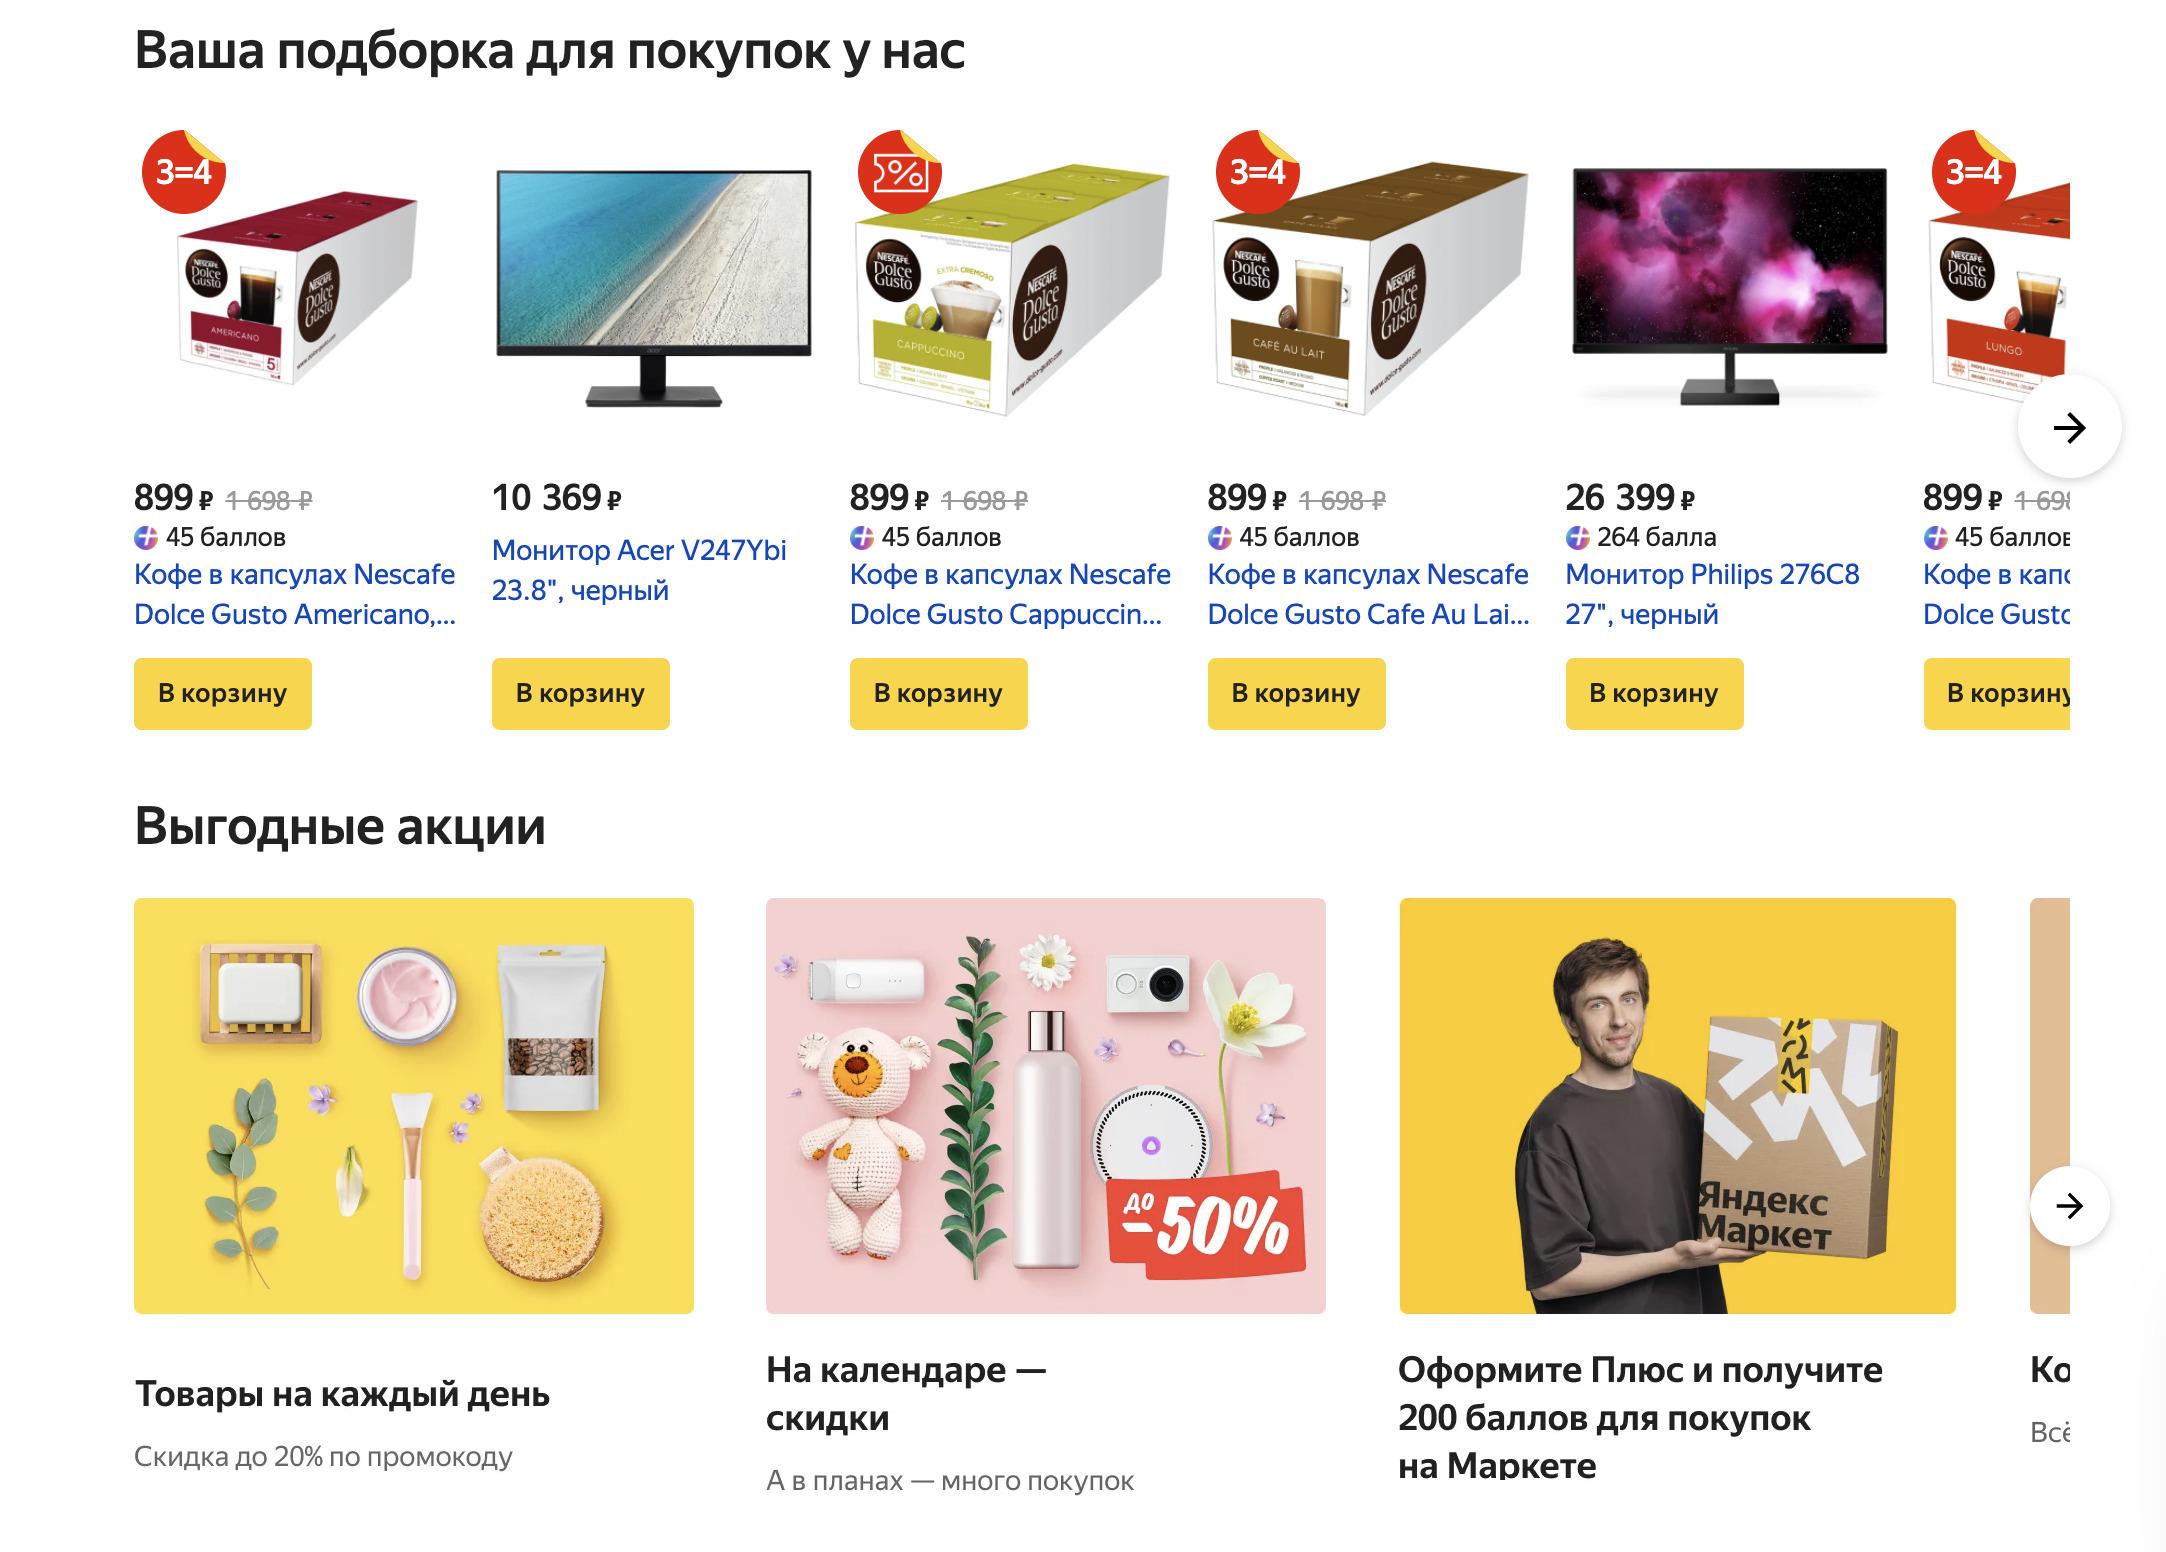 Доставка из Яндекс.Маркет в Киселевск, сроки, пункты выдачи, каталог